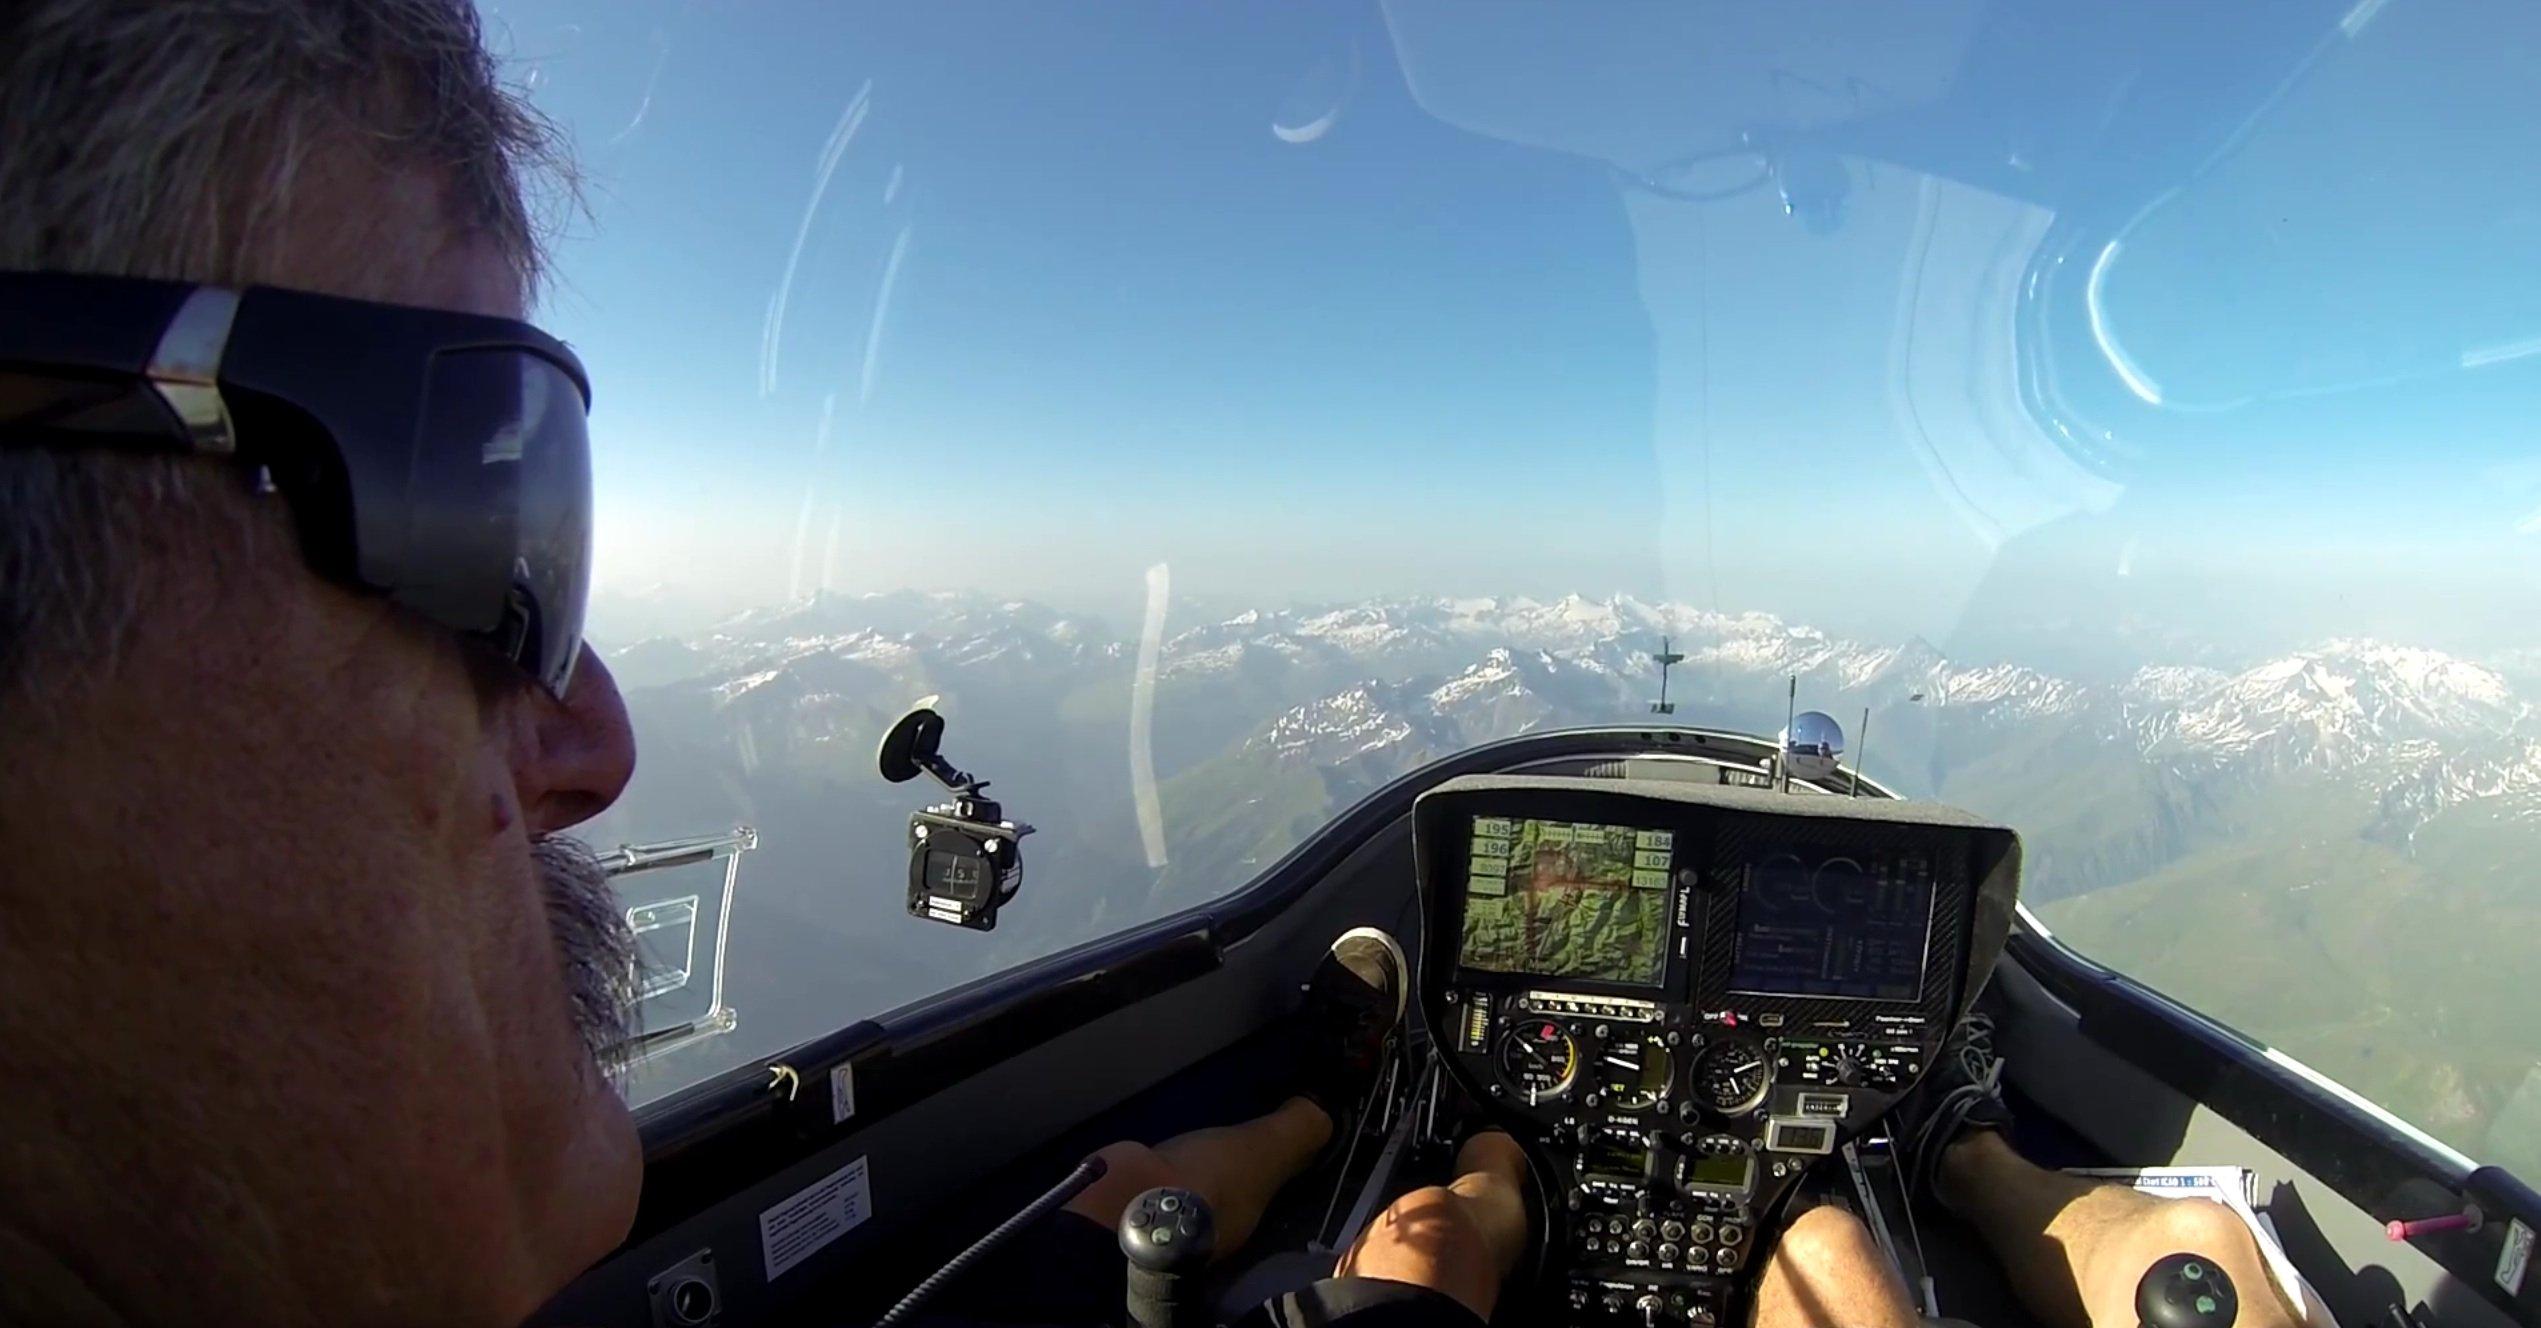 Pilot Klaus Ohlmann mit einem fantanstischen Blick auf die schneebedeckten Alpen. Die e-Genius erreichte eine Flughöhe von 4000 m.